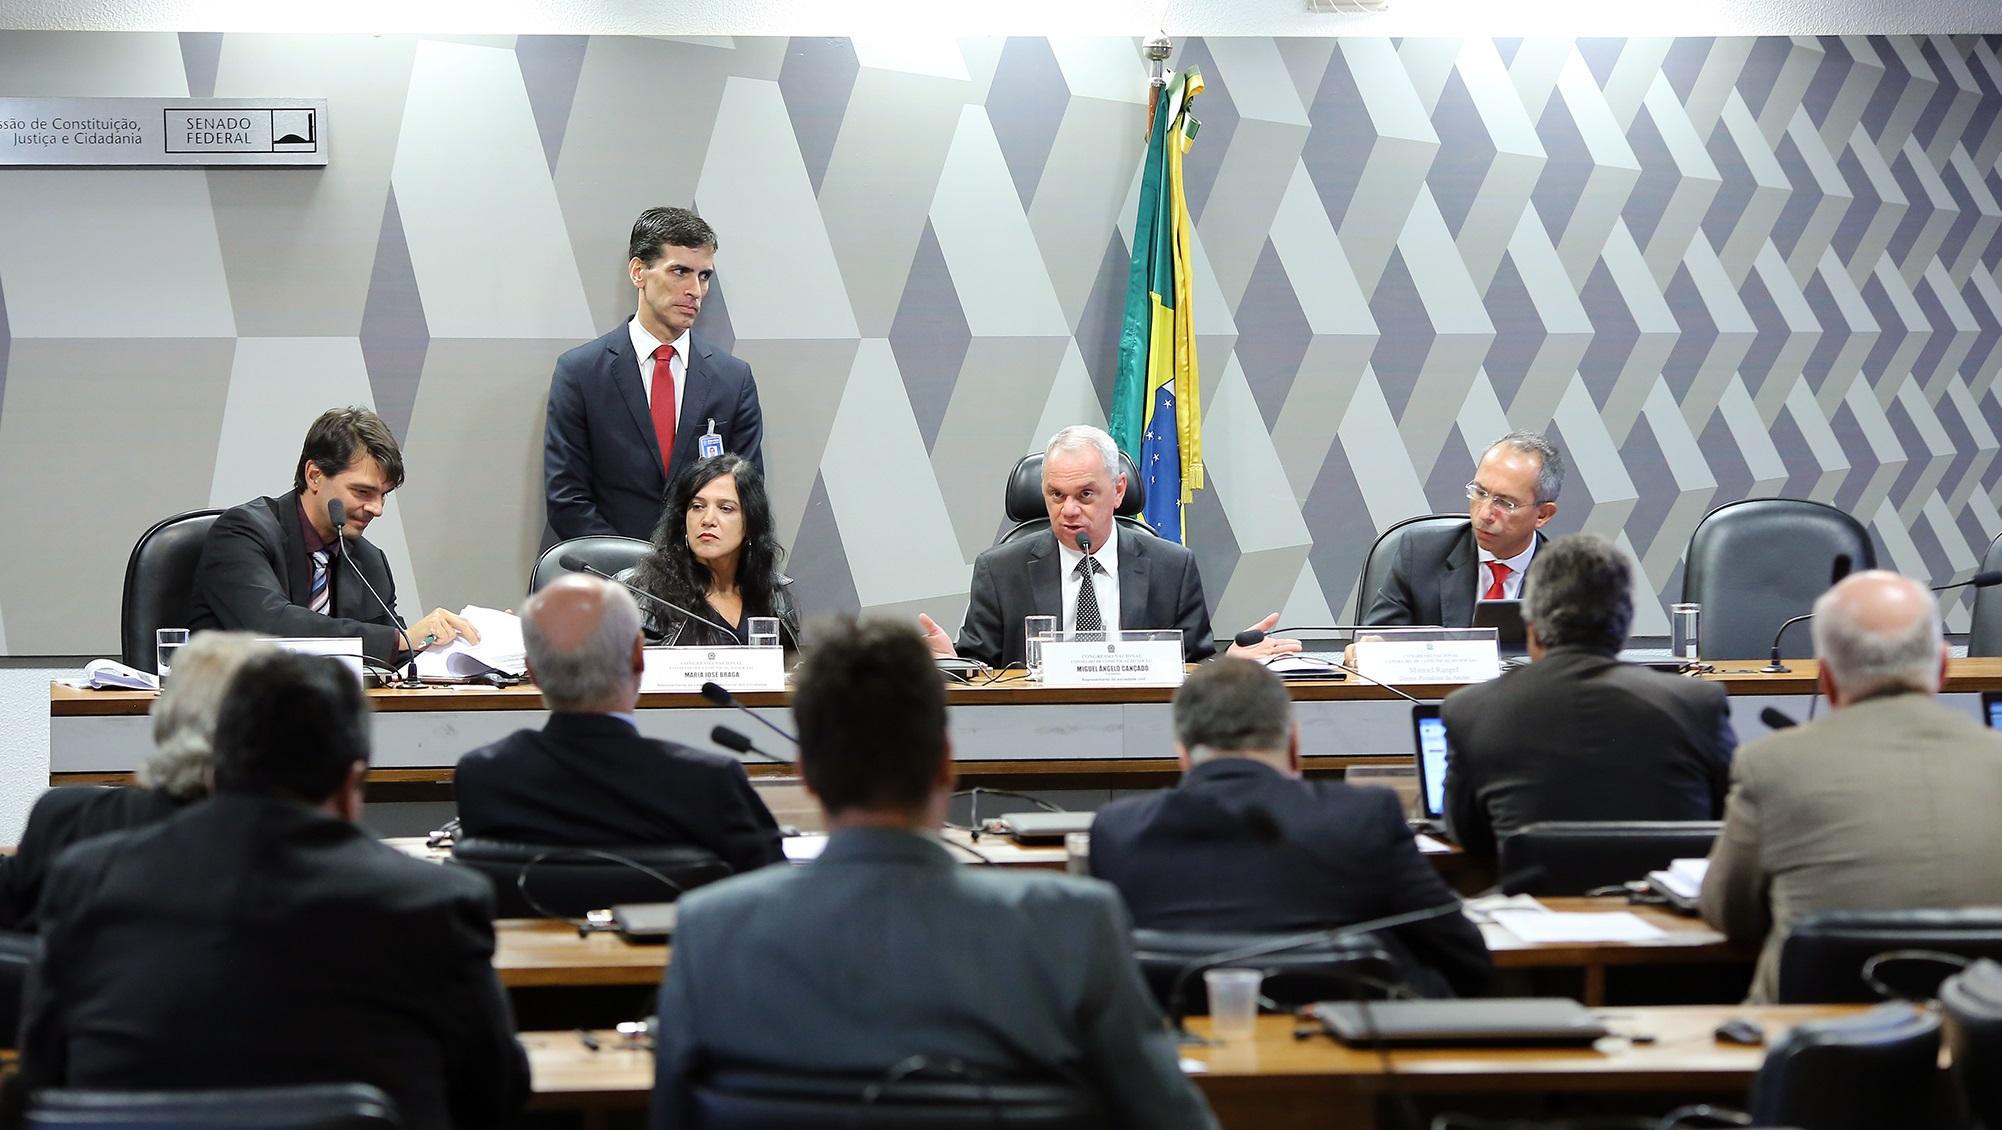 Conselho de Comunicação é criado na Câmara